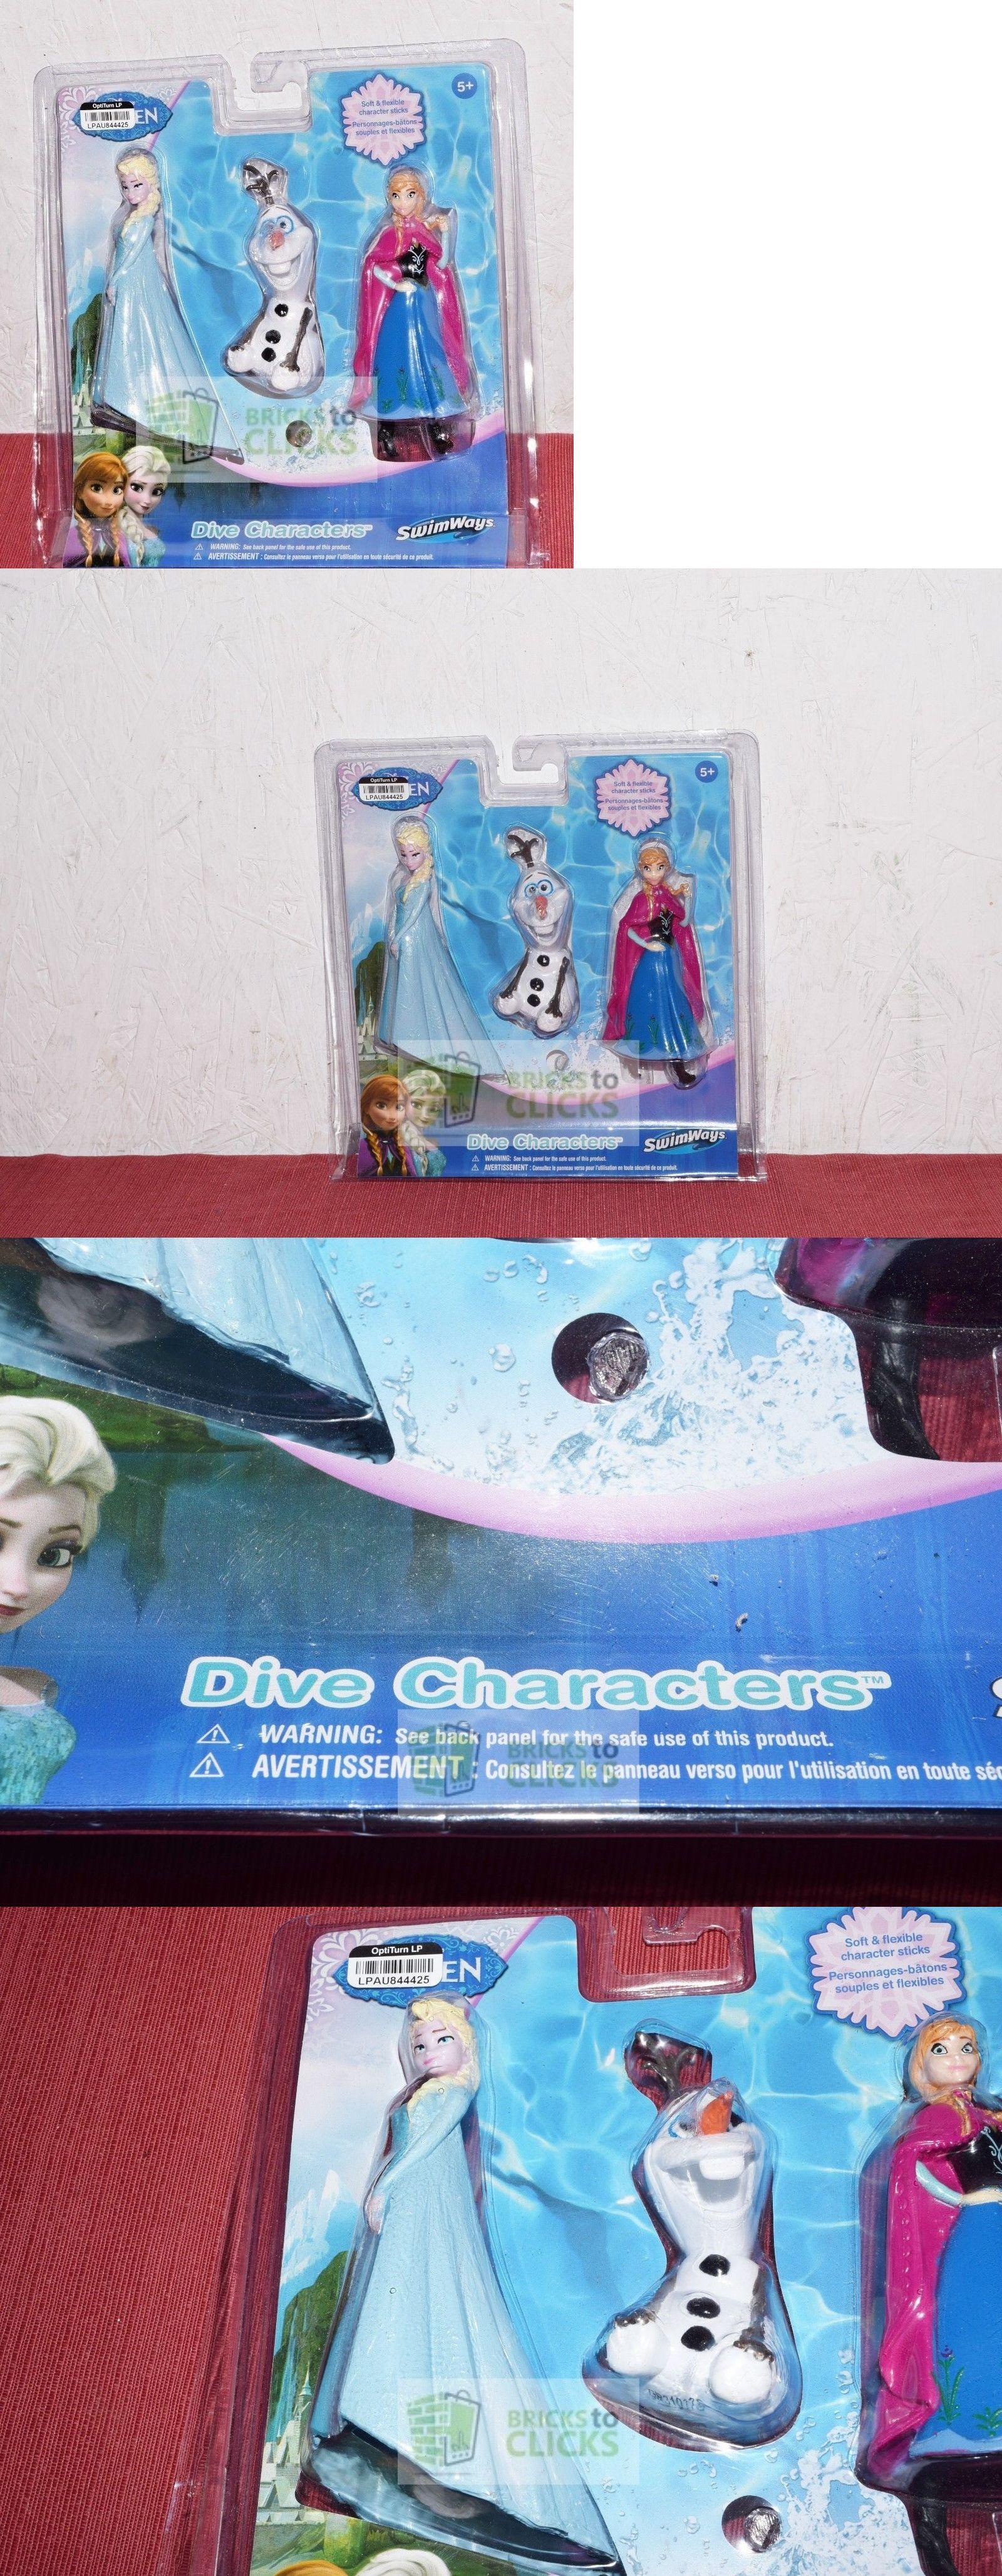 SwimWays Disney Frozen Dive Characters 25341